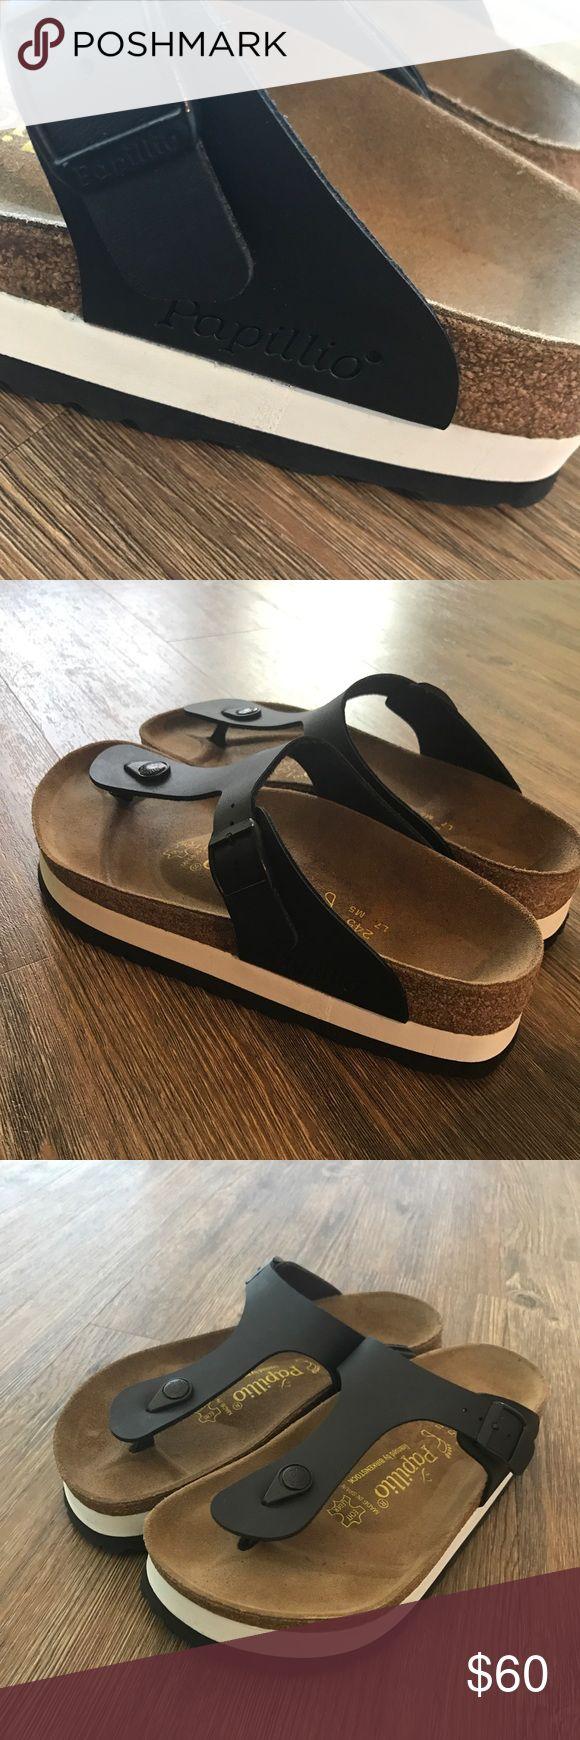 Birkenstock Papillio Gizeh platform sandals NEW 38 New without box Papillio by Birkenstock Gizeh Birko-Flor sandals size 38 us 8 Birkenstock Shoes Sandals